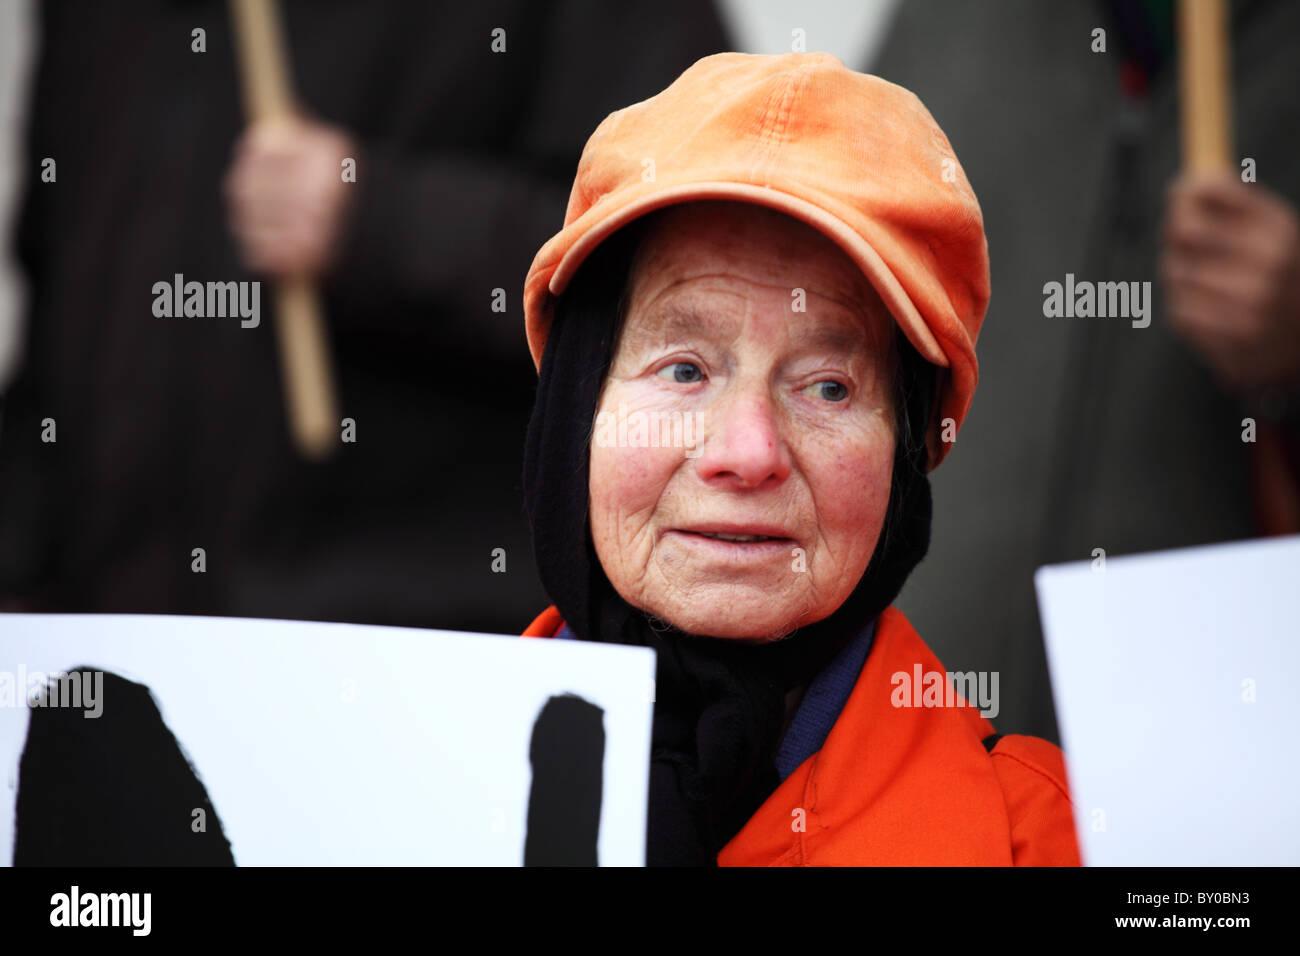 Manifestant à l'Au-delà des mots: témoin silencieux de l'injustice. La campagne de Photo Stock